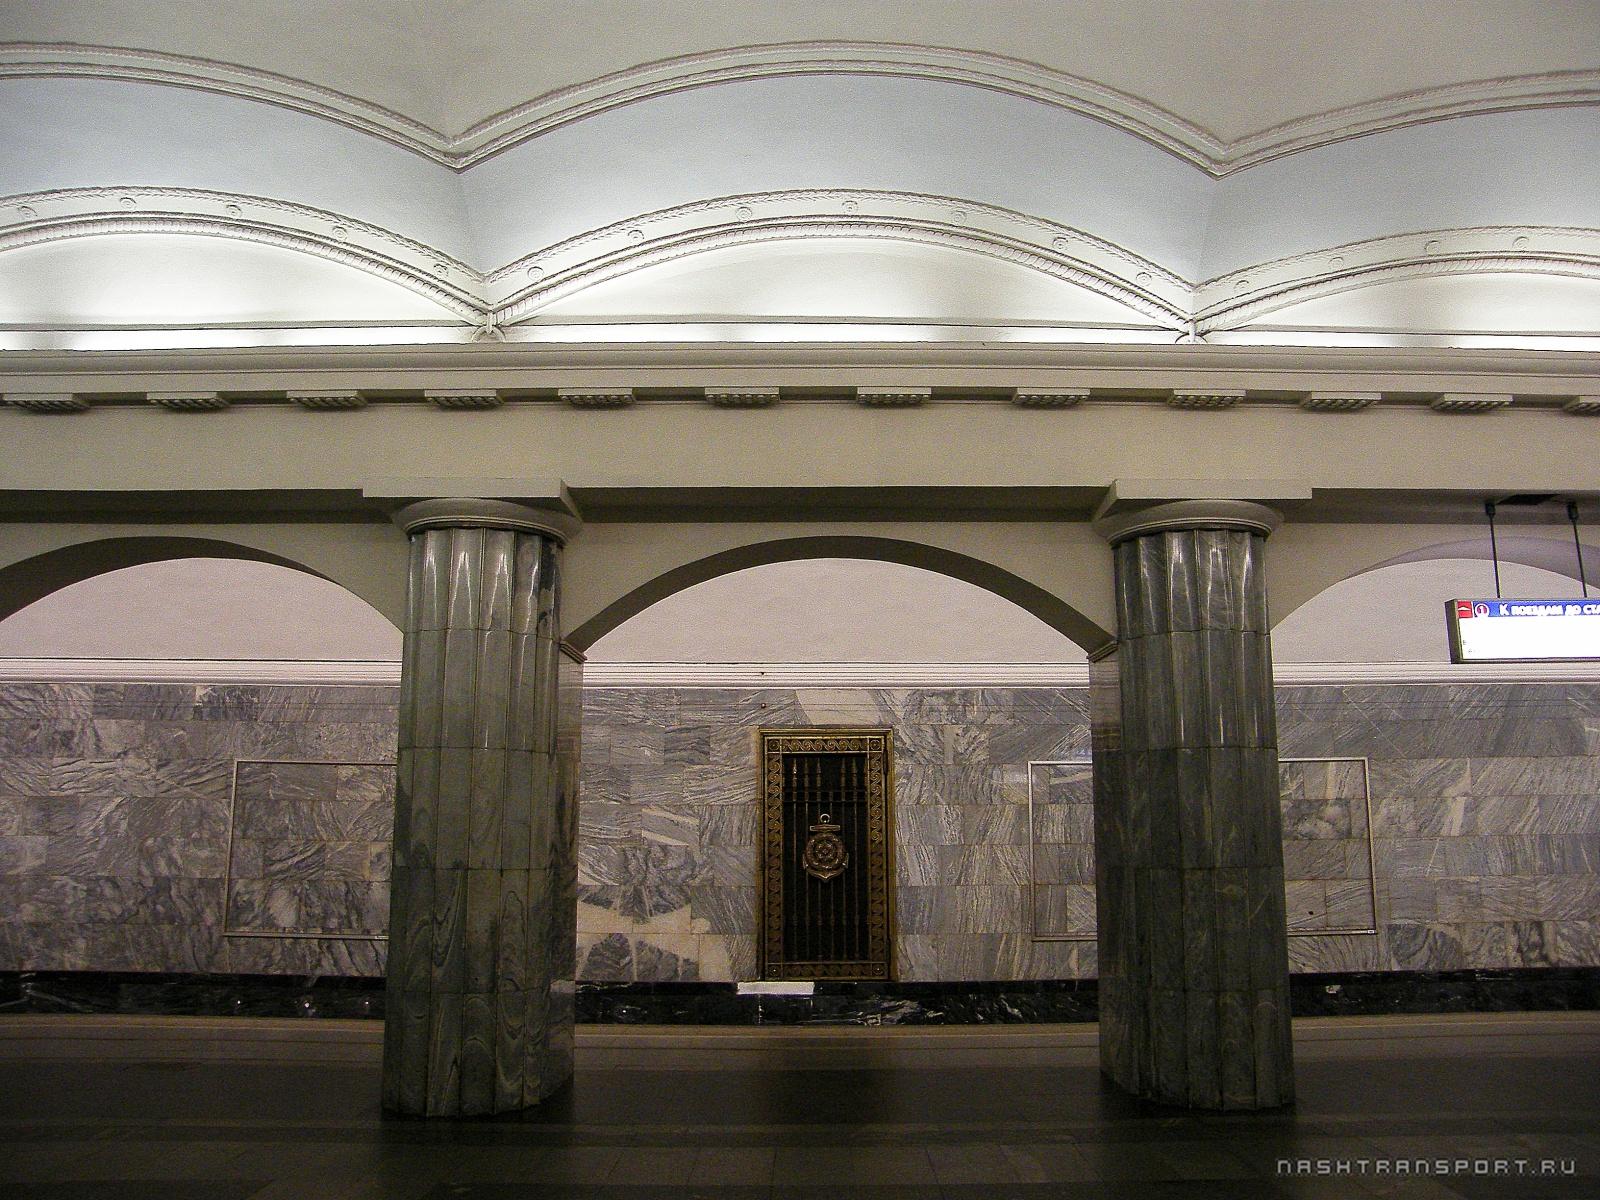 фото наземных вестибюлей метро спб синее, коричневое